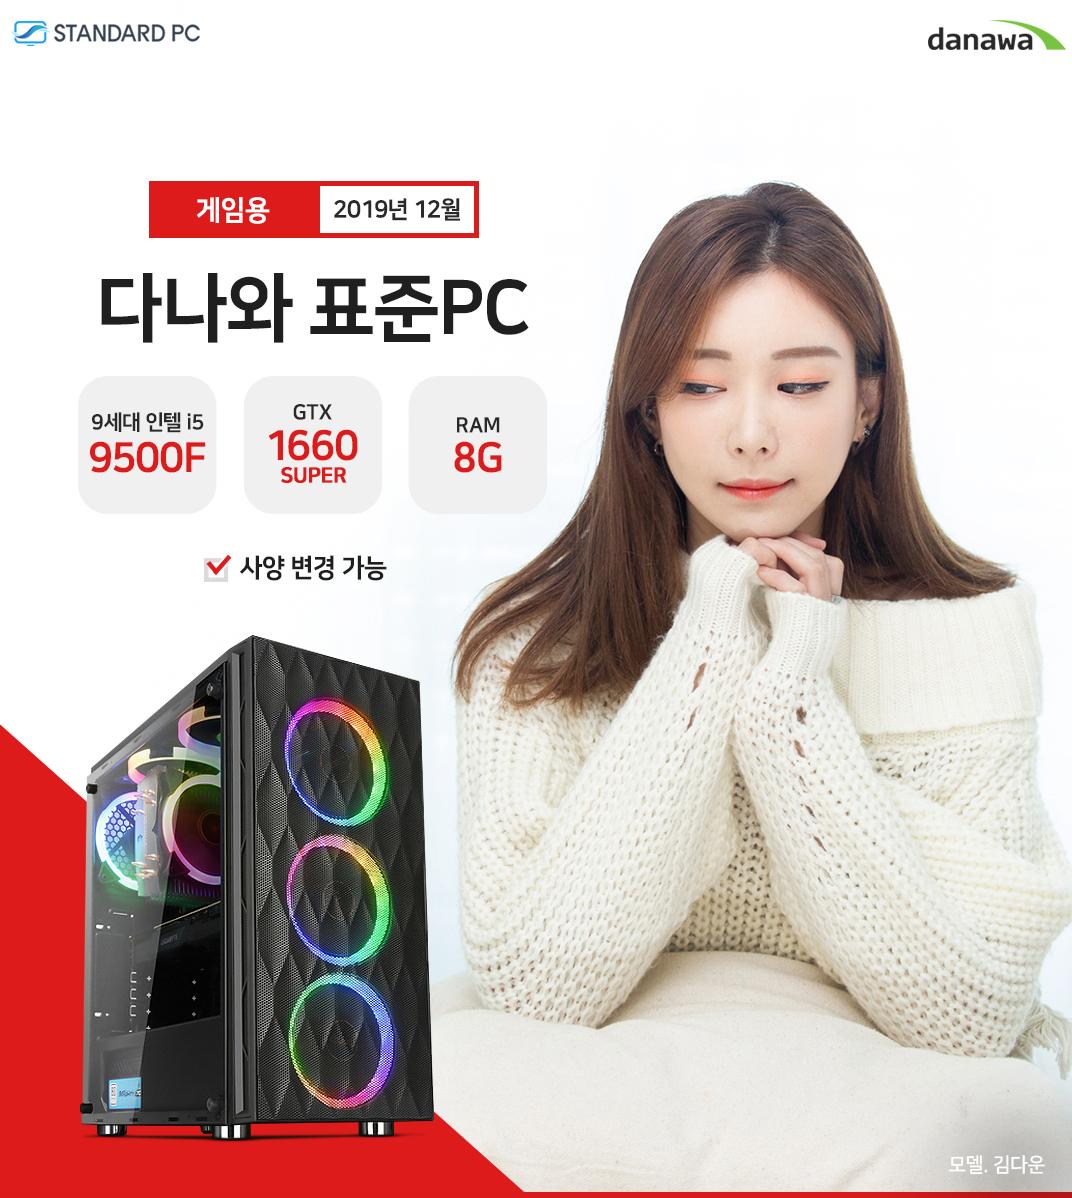 2019년 12월 다나와 표준PC 게이밍용 인텔 코어i5-9세대 9500F GTX1660SUPER RAM 8G 모델 김다운